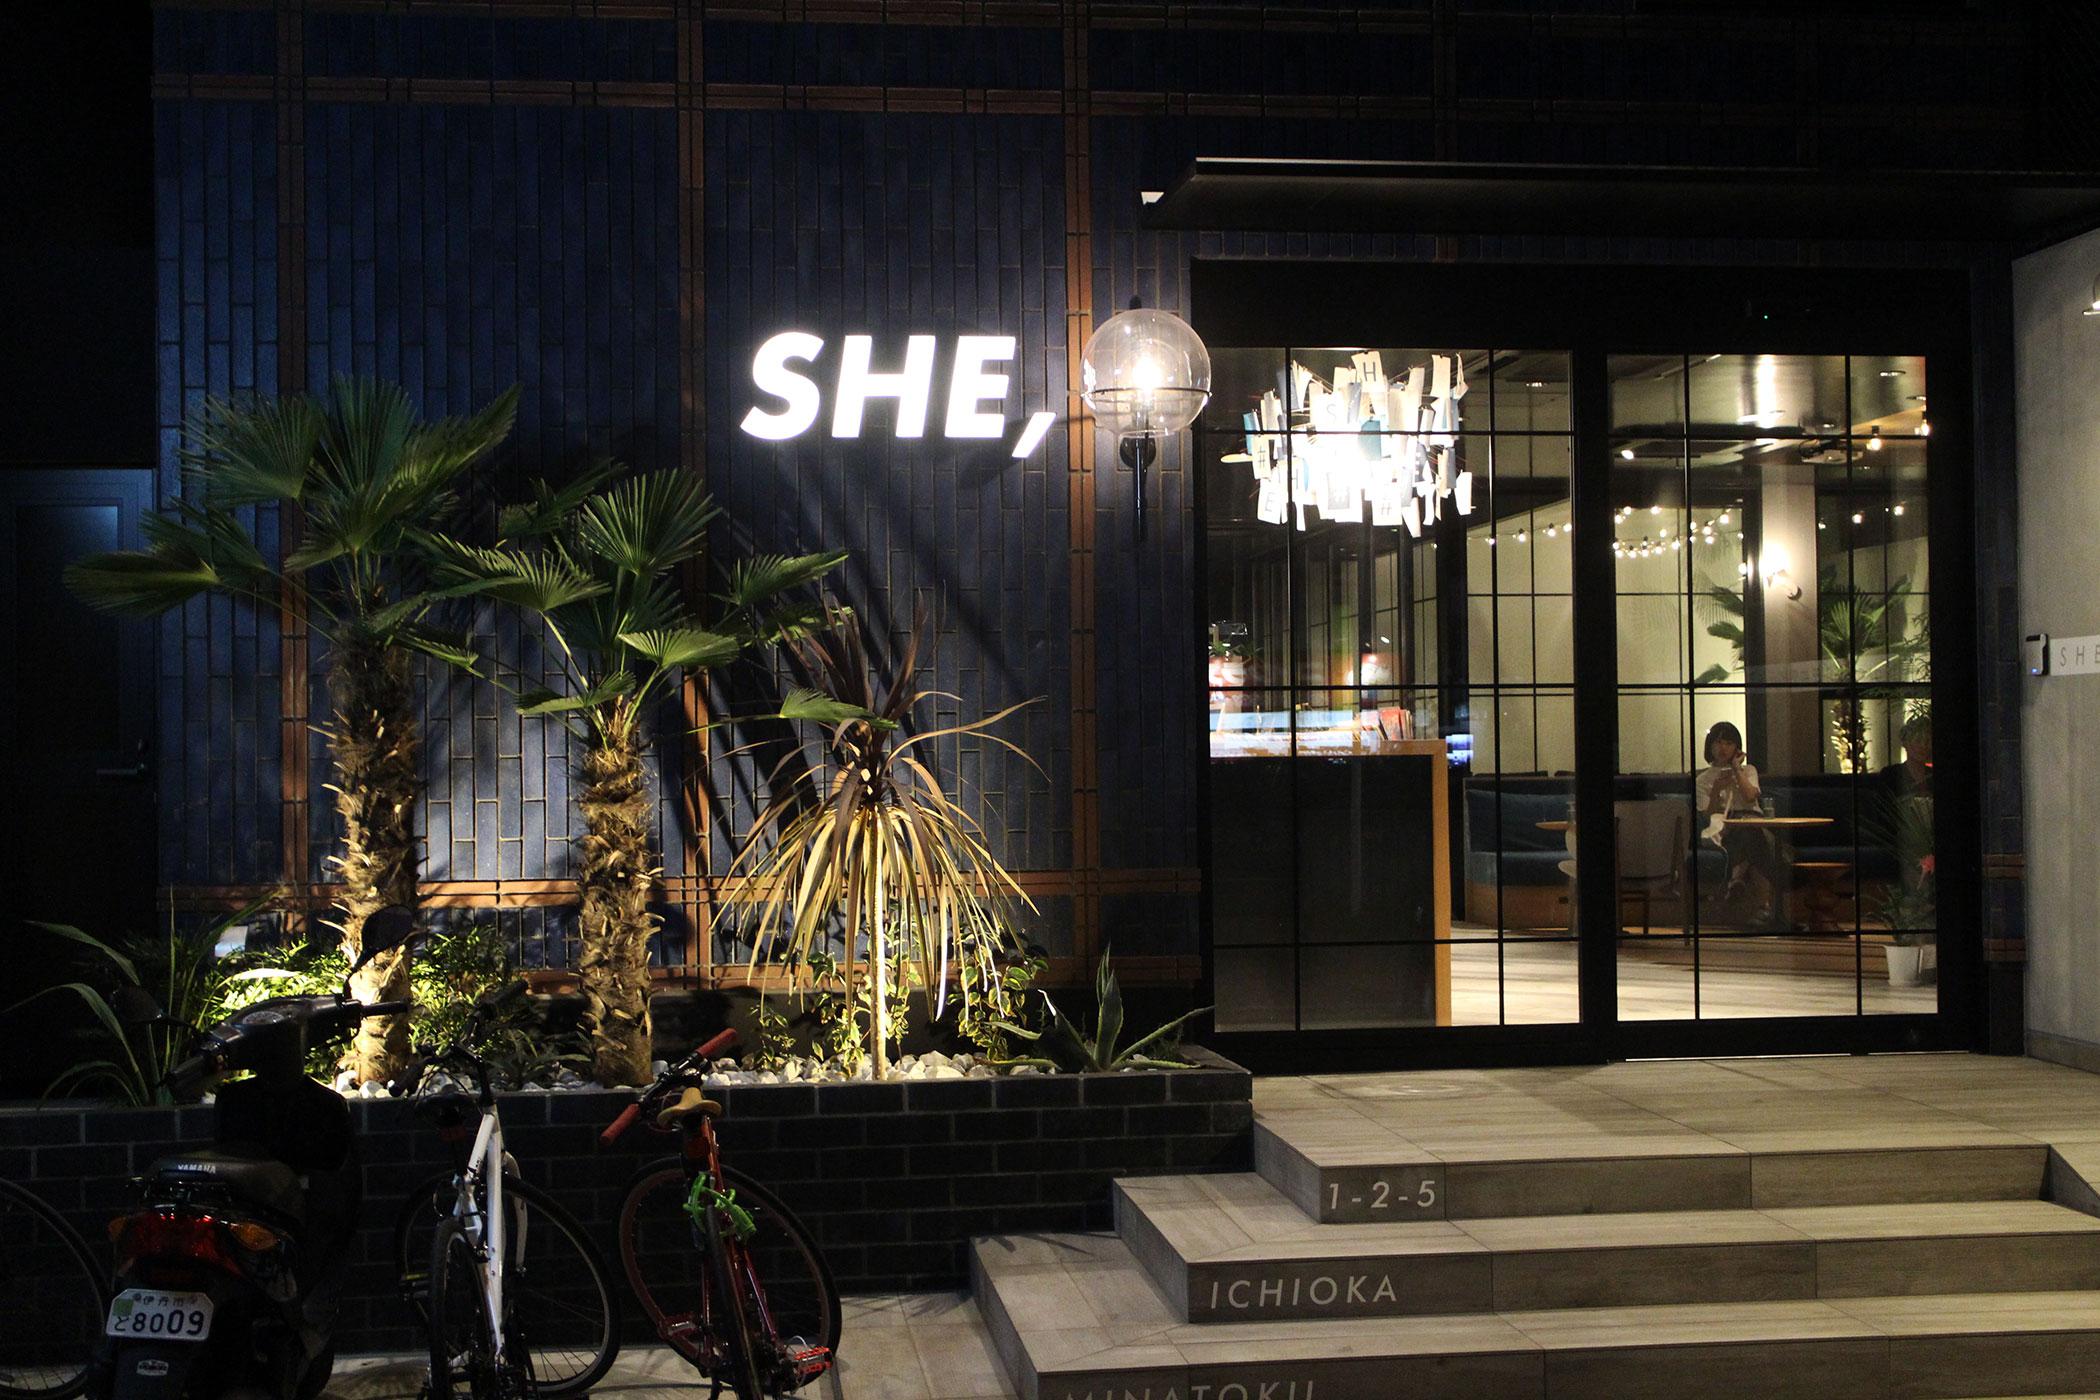 大阪にも続々登場!イケてるコーヒーショップが併設されたホテル3選 WORK BENCH COFFEE ROASTERS OSAKA